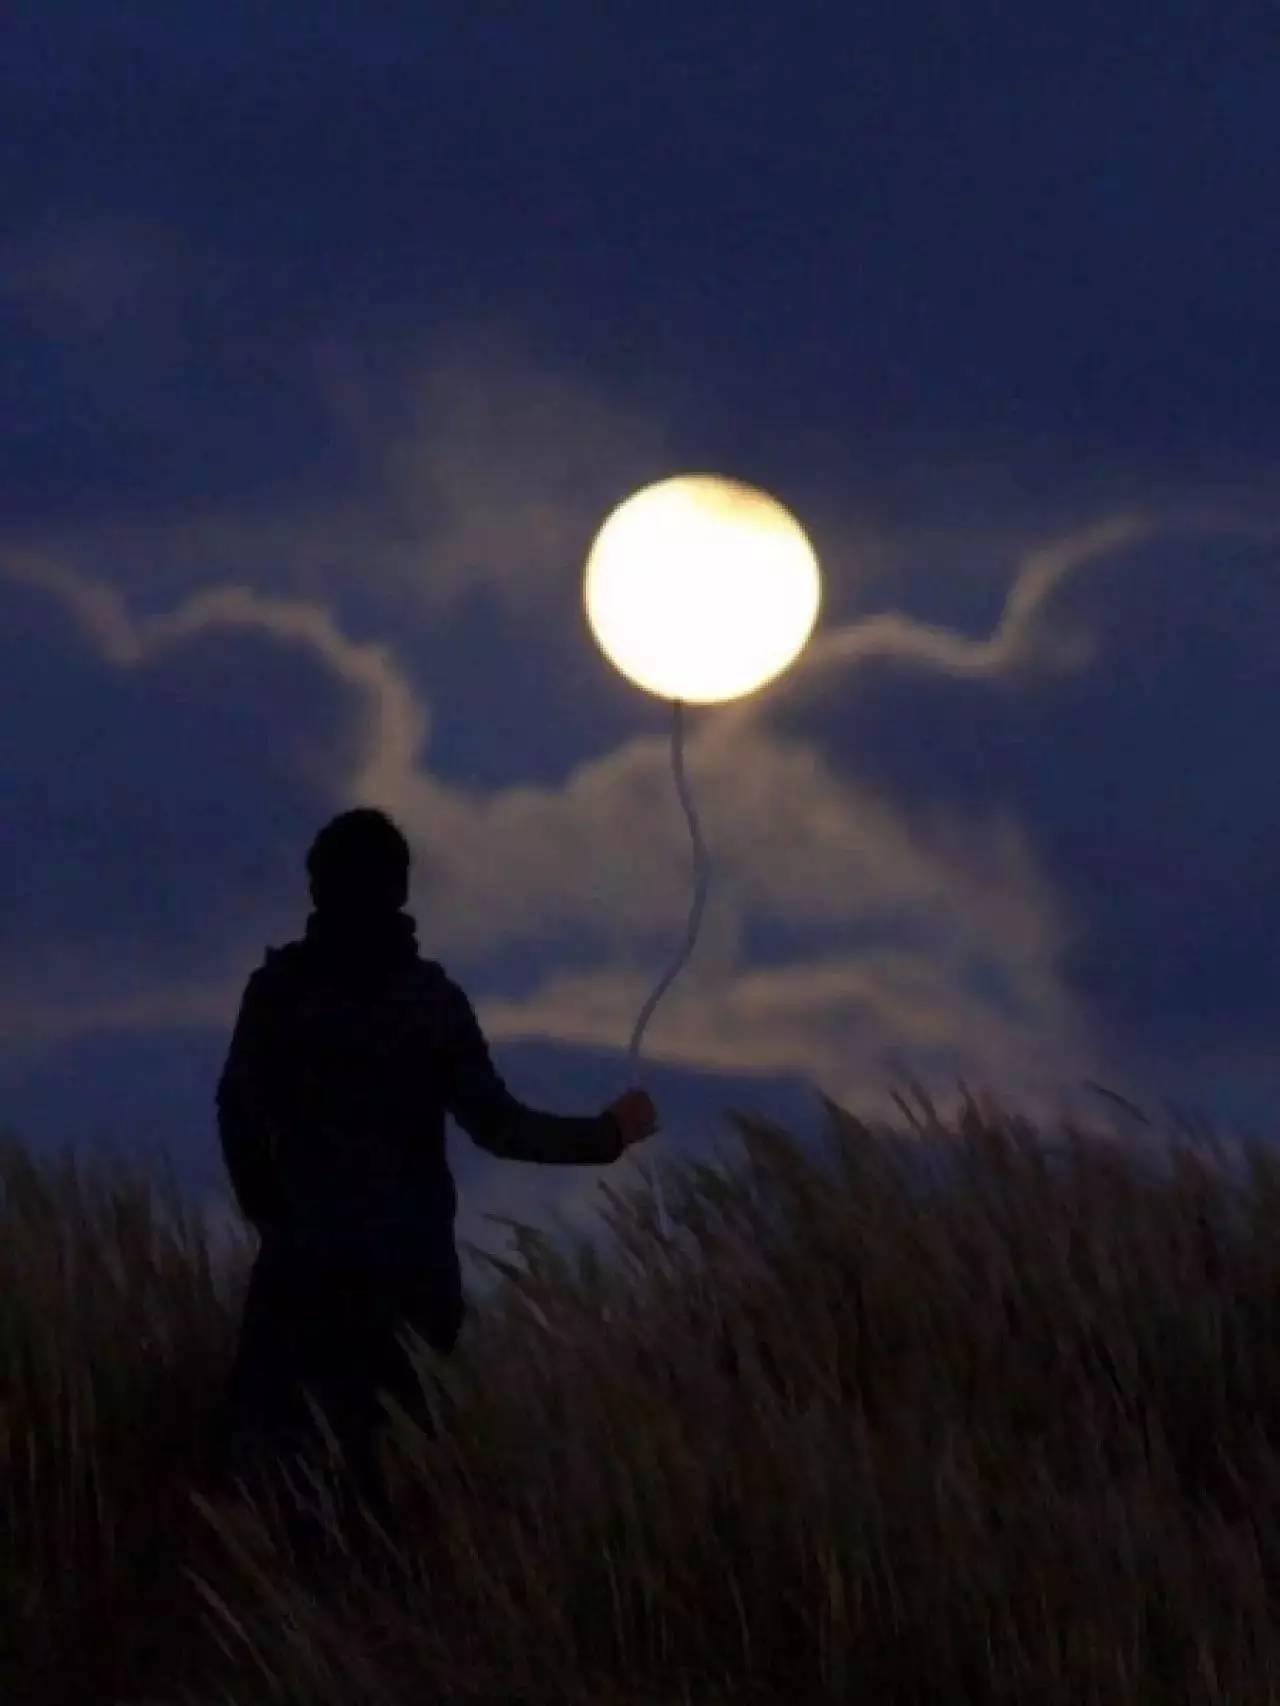 月亮还可以这样拍,惊叹吧,人类!